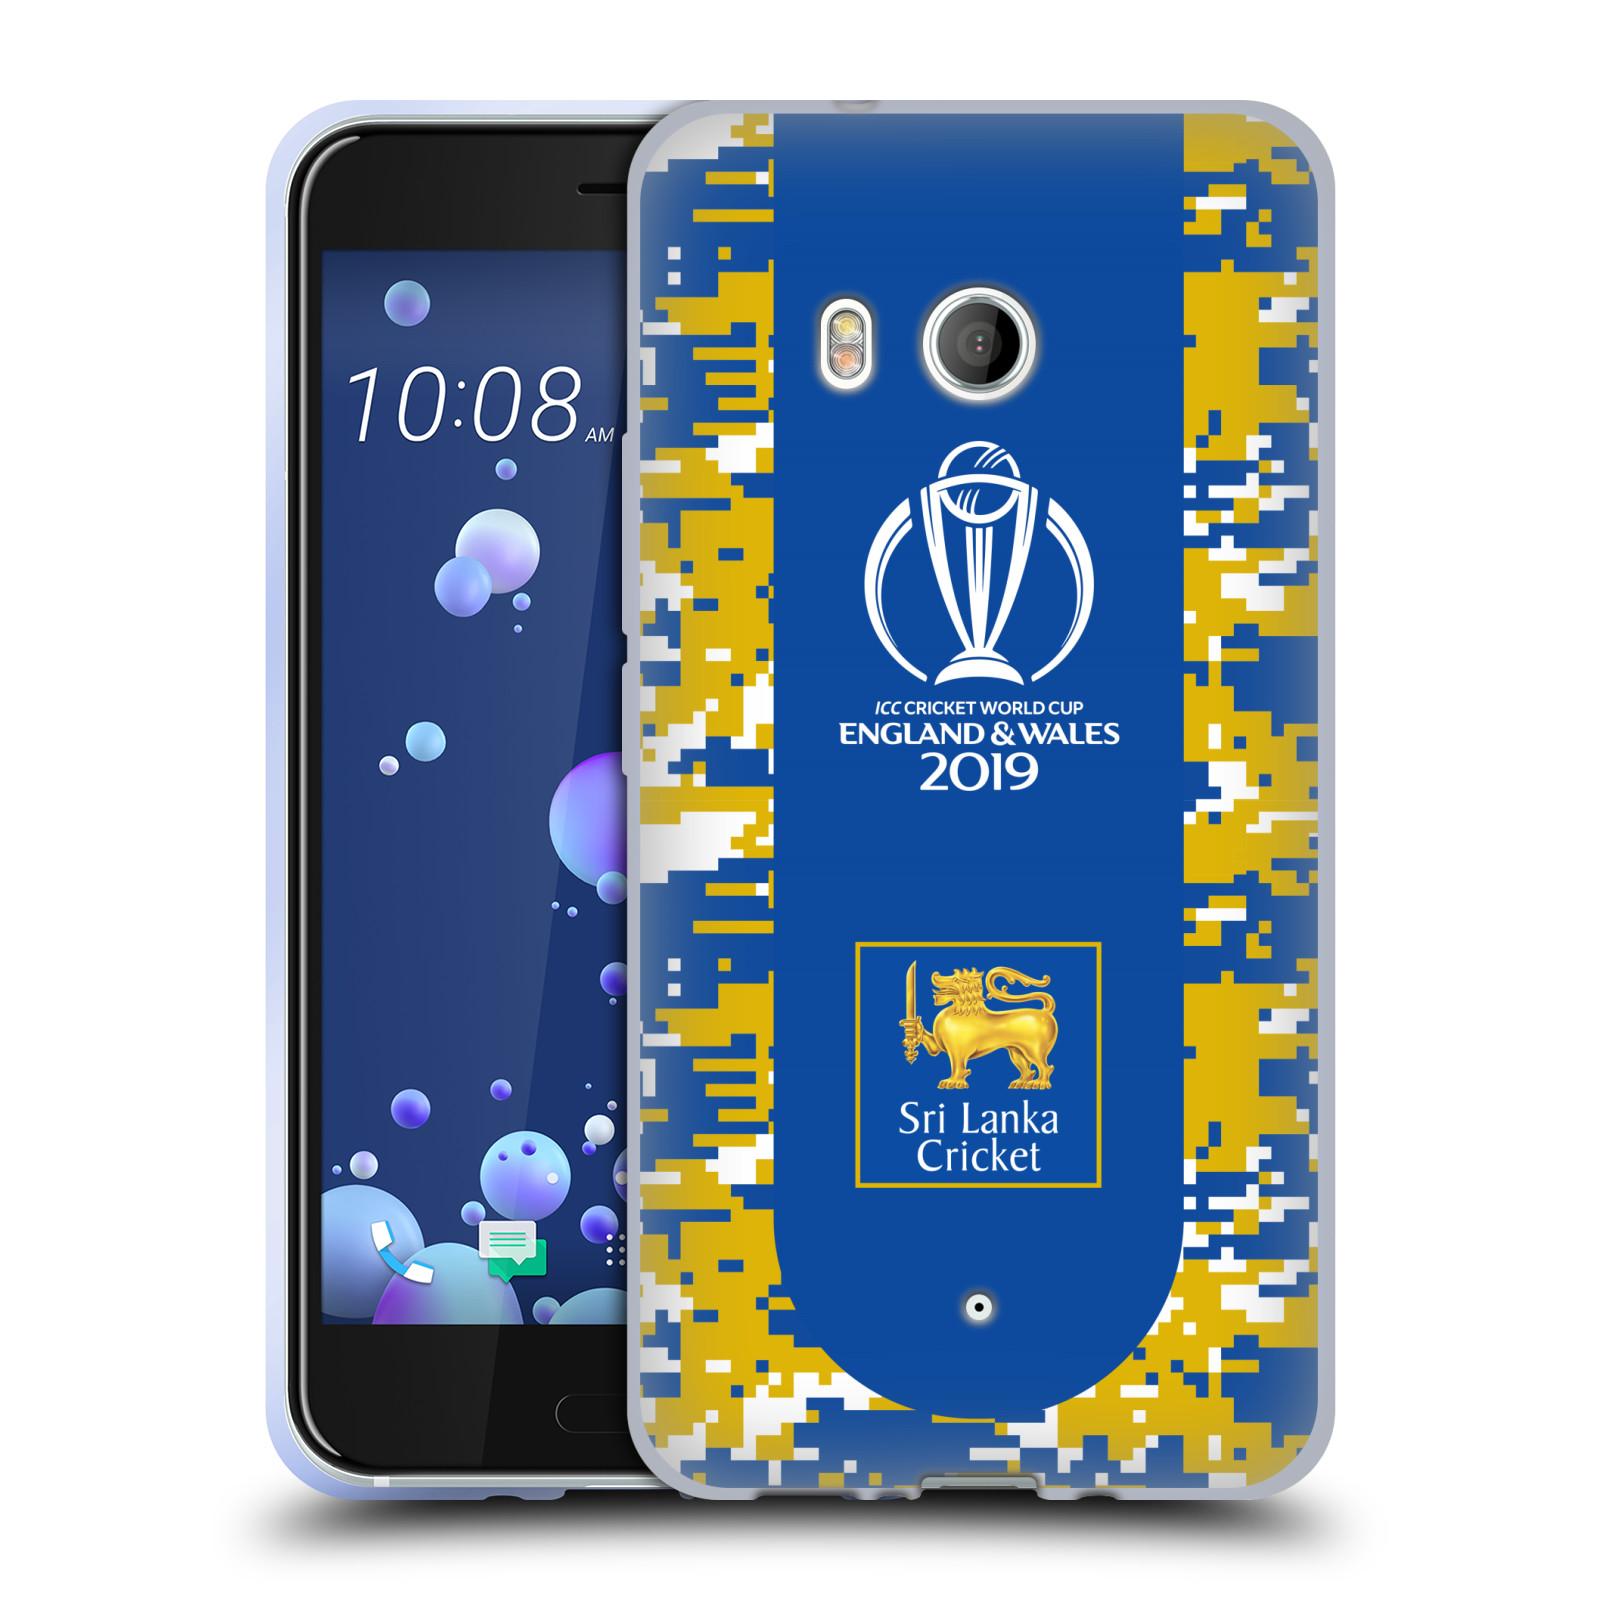 Oficial-ICC-Sri-Lanka-Cricket-World-Cup-caso-De-Gel-Suave-para-TELEFONOS-HTC-1